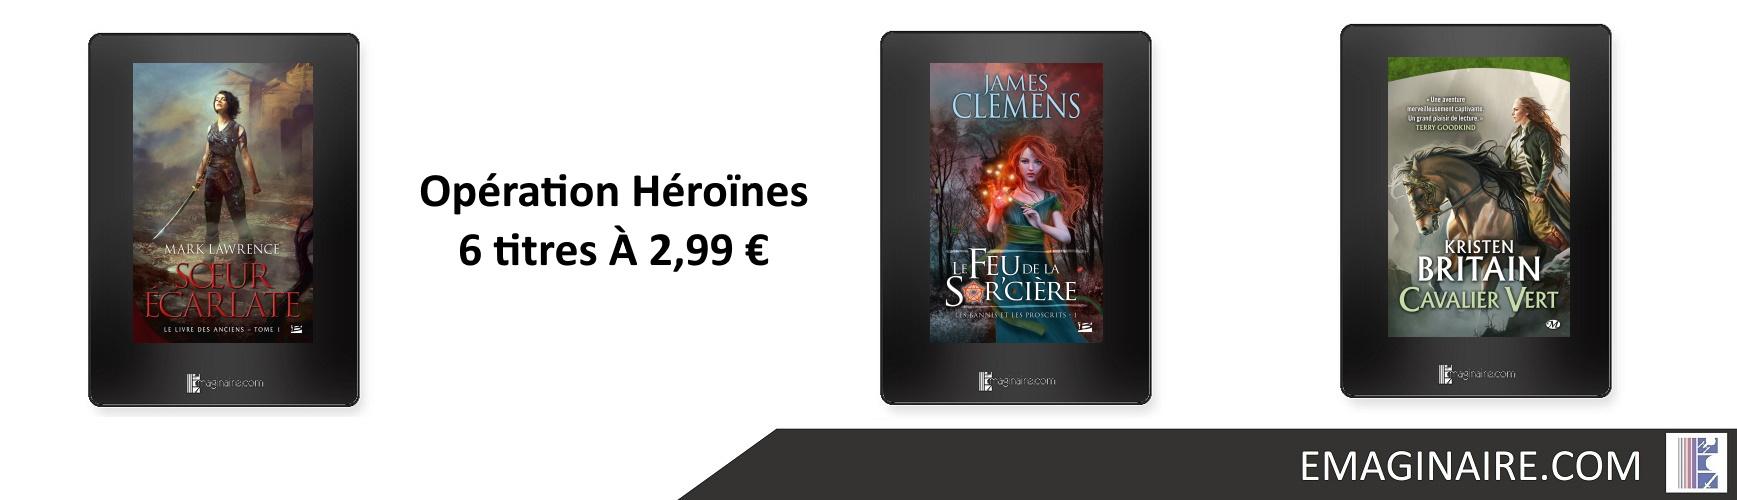 Opération Héroïnes - 6 titres À 2,99 €